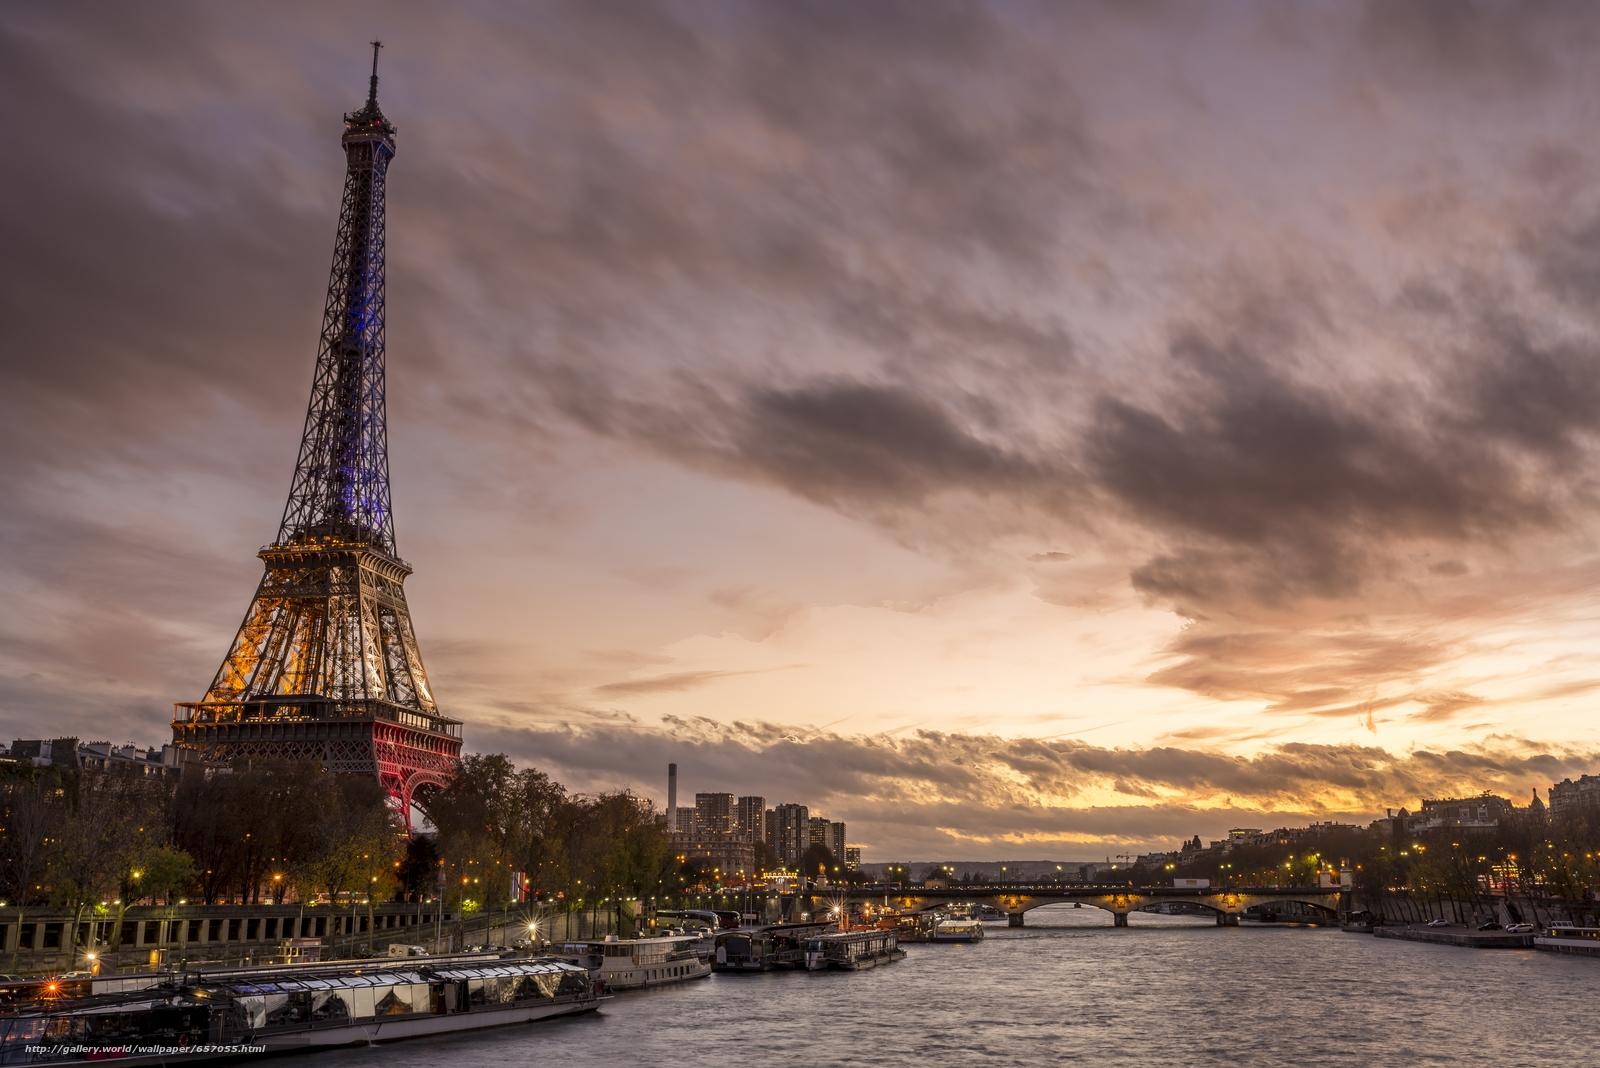 Скачать обои Eiffel Tower,  Paris,  France,  Эйфелева башня бесплатно для рабочего стола в разрешении 6015x4015 — картинка №657055